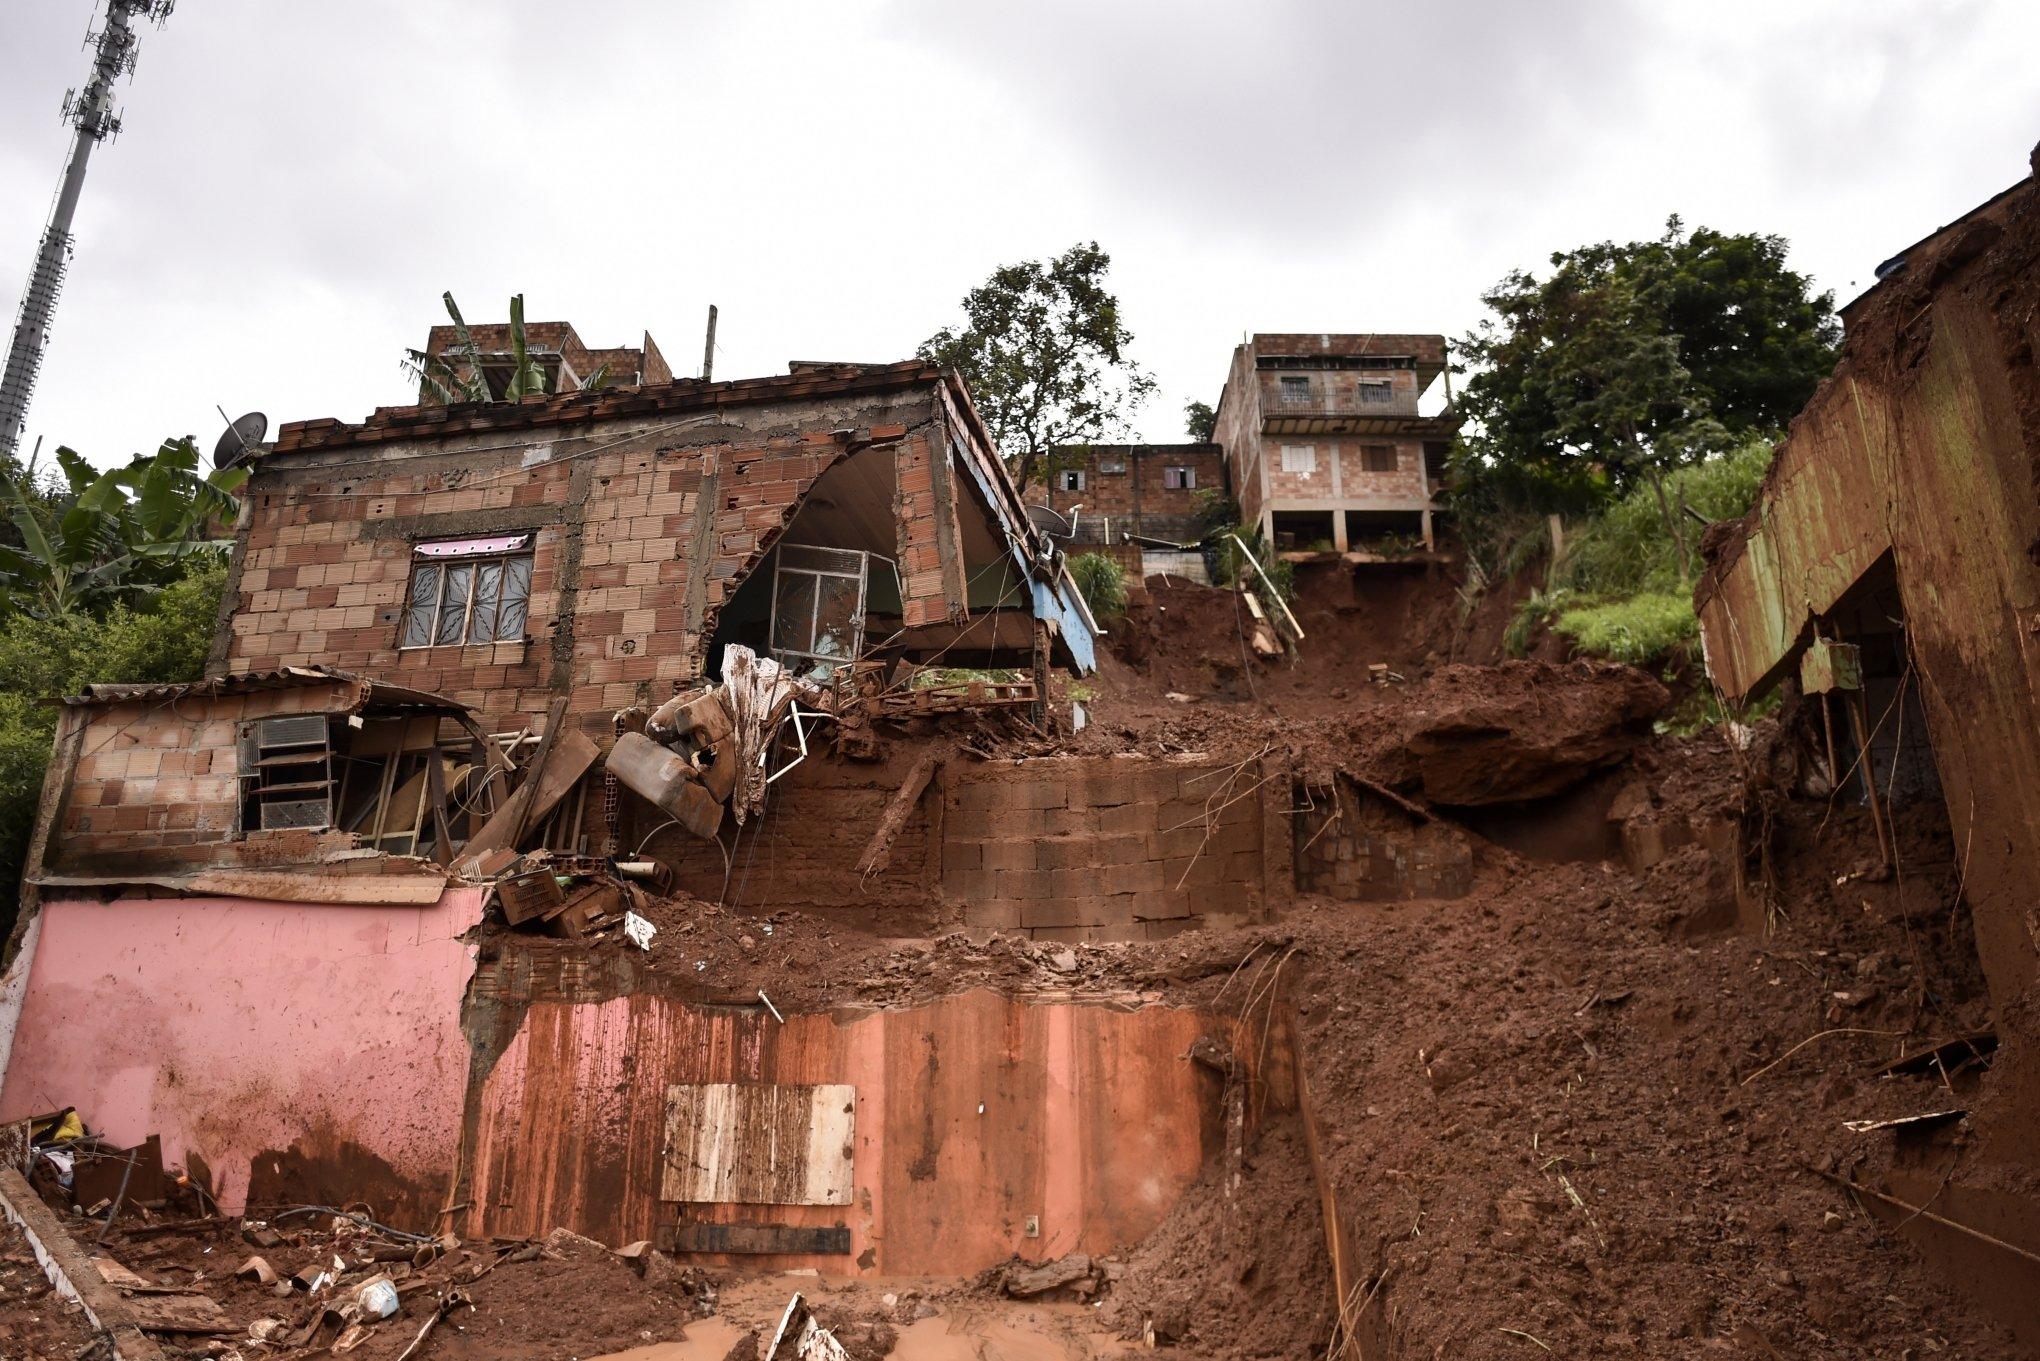 É triste o cenário de destruição em Minas